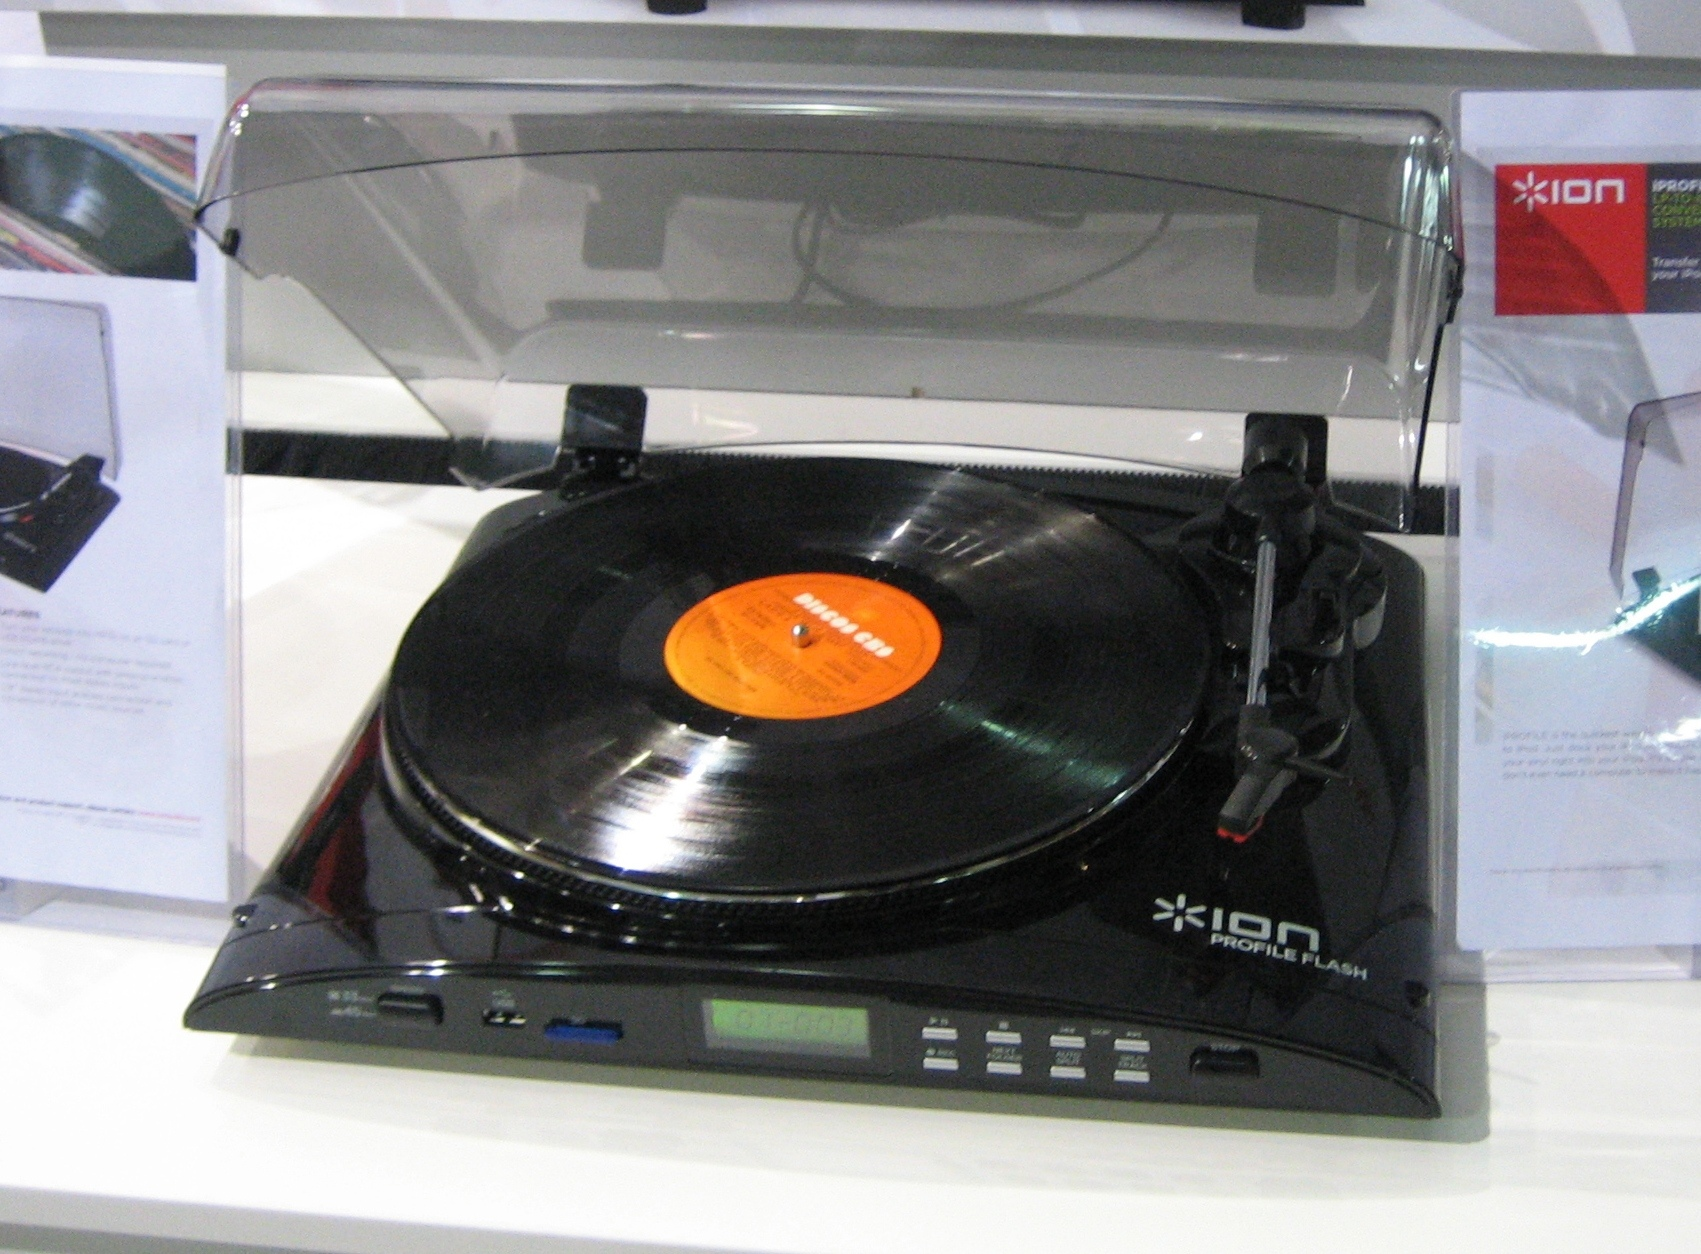 ion audio digitalisiert schallplatten musik und vhs. Black Bedroom Furniture Sets. Home Design Ideas